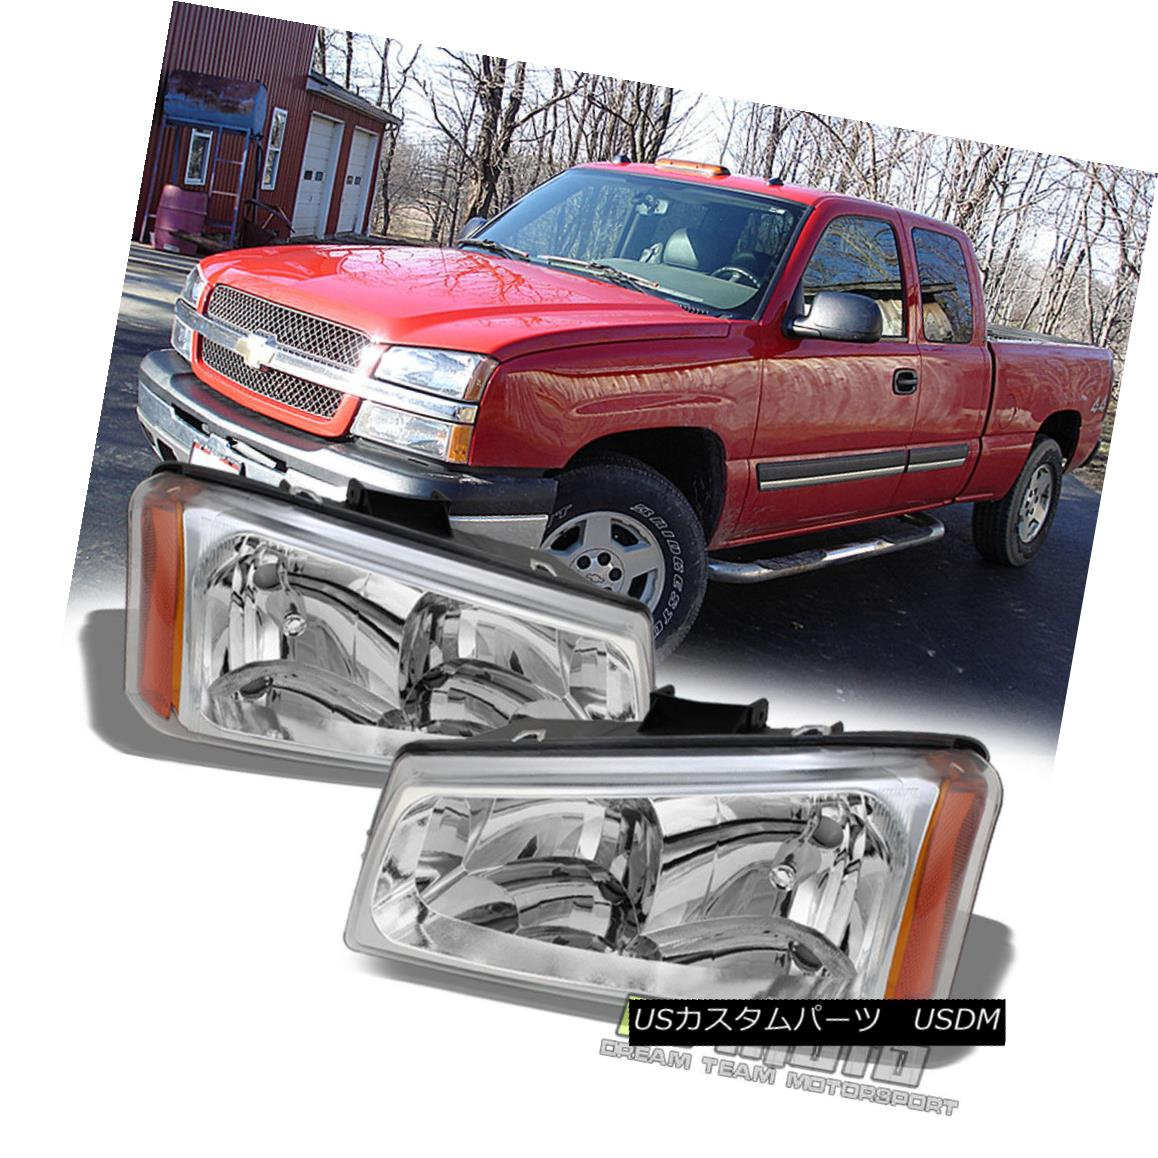 ヘッドライト 2003-2006 Chevy Silverado 1500 2500 3500 Avalanche Crystal Headlights Headlamps 2003-2006シボレーシルバラード1500 2500 3500アバランシェクリスタルヘッドライトヘッドランプ